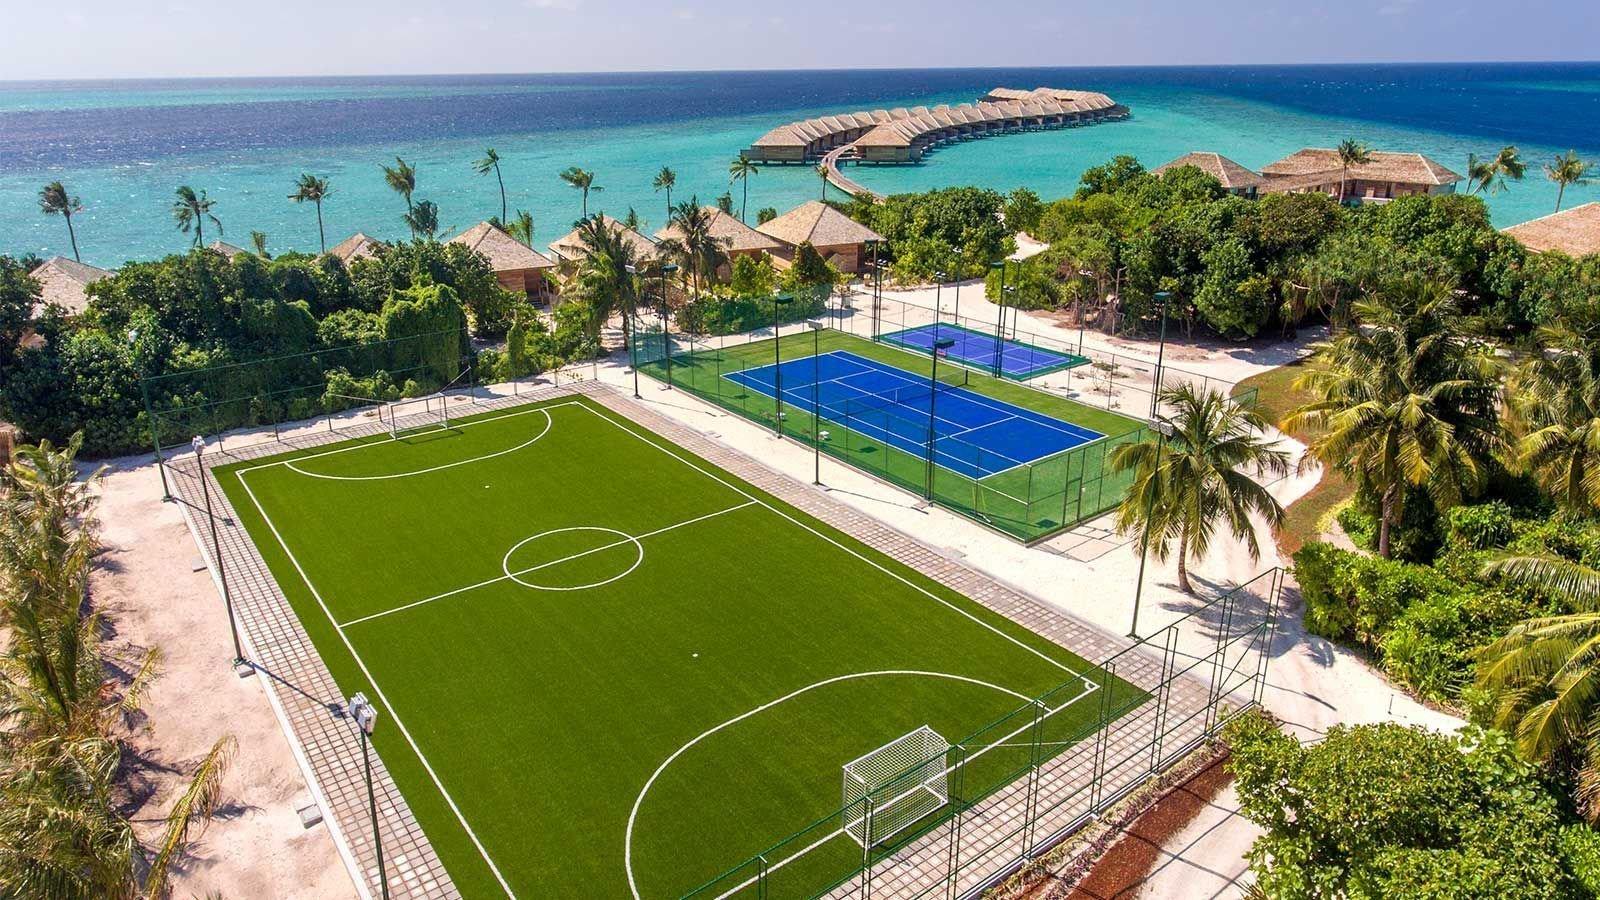 Hurawalhi Maldives sports